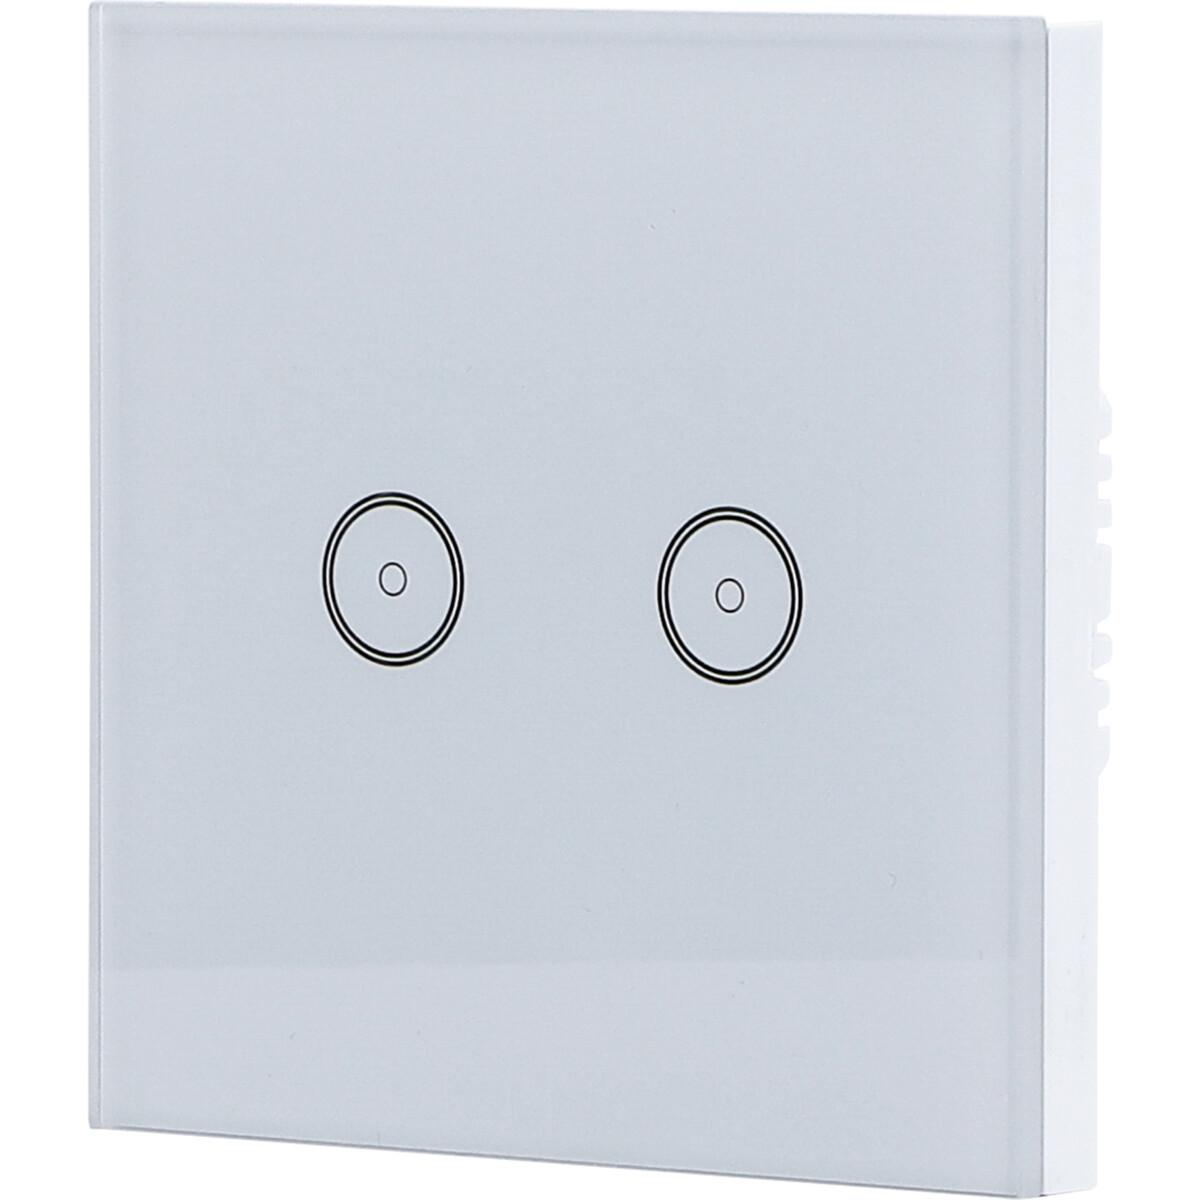 Touchschakelaar Smart WiFi Aigi Smarton Inbouw 2-voudig Touch Schakelaar Incl. Glazen Afdekraam Wit